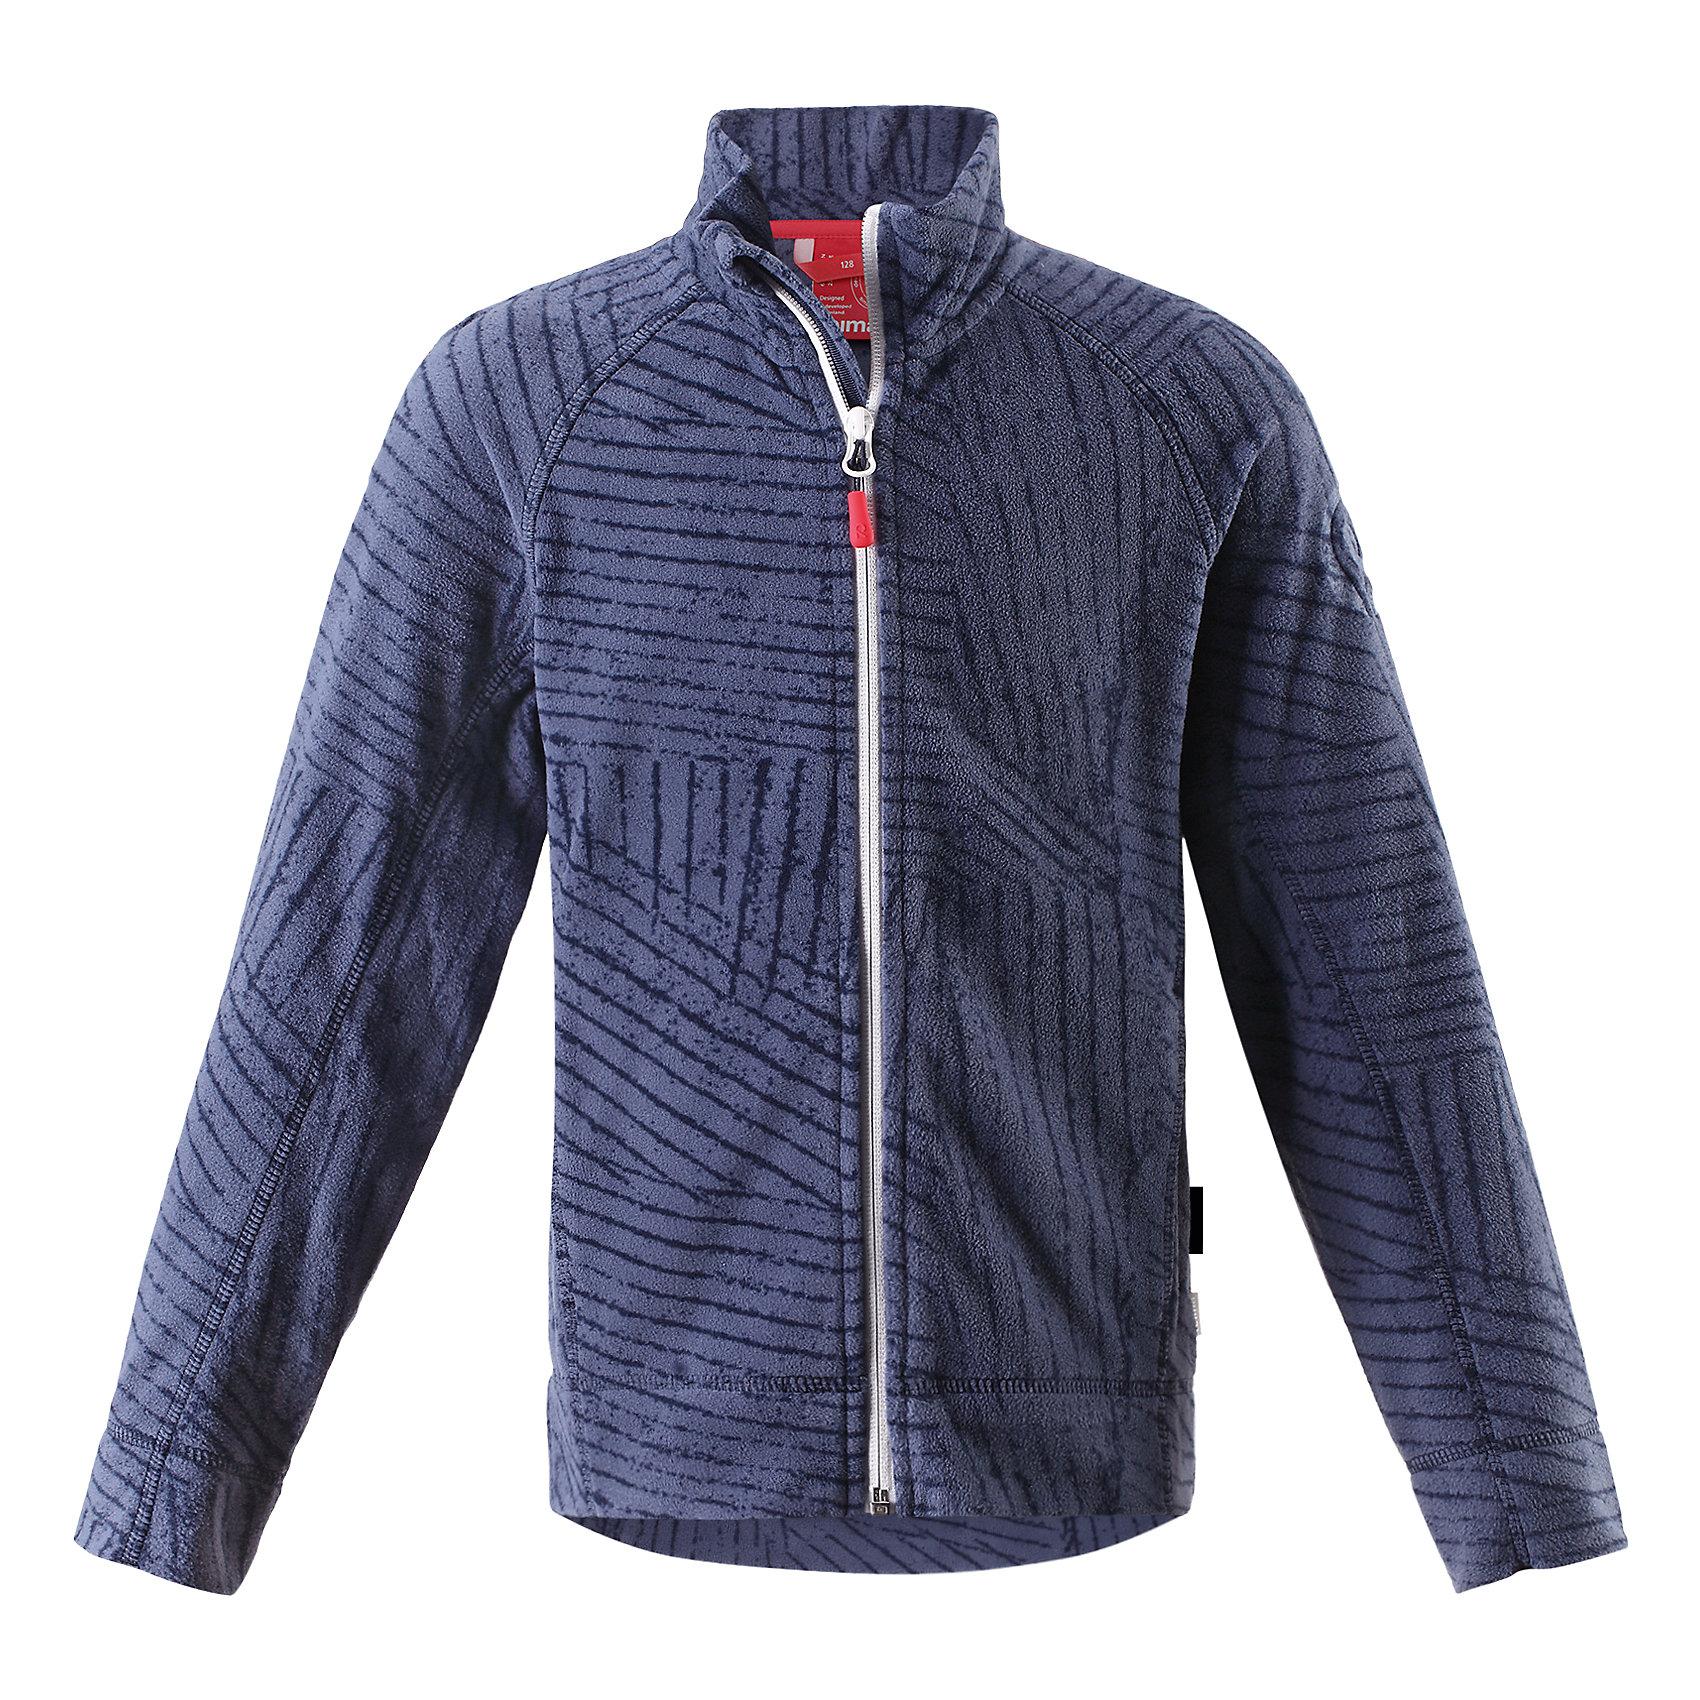 Куртка Poiju флисовая для мальчика ReimaФлис и термобелье<br>Характеристики товара:<br><br>• цвет: синий<br>• состав: 100% полиэстер<br>• теплый, легкий и быстросохнущий микрофлис<br>• молния во всю длину со вставкой для защиты подбородка<br>• приятная на ощупь ткань<br>• два боковых кармана<br>• комфортная посадка<br>• с отделкой горячим тиснением<br>• страна производства: Китай<br>• страна бренда: Финляндия<br>• коллекция: весна-лето 2017<br><br>Одежда для детей может быть модной и комфортной одновременно! Удобная курточка поможет обеспечить ребенку комфорт и тепло. Изделие сшито из микрофлиса - мягкого и теплого материала, приятного на ощупь. Модель стильно смотрится, отлично сочетается с различным низом. Стильный дизайн разрабатывался специально для детей.<br><br>Одежда и обувь от финского бренда Reima пользуется популярностью во многих странах. Эти изделия стильные, качественные и удобные. Для производства продукции используются только безопасные, проверенные материалы и фурнитура. Порадуйте ребенка модными и красивыми вещами от Reima! <br><br>Куртку флисовую для мальчика от финского бренда Reima (Рейма) можно купить в нашем интернет-магазине.<br><br>Ширина мм: 356<br>Глубина мм: 10<br>Высота мм: 245<br>Вес г: 519<br>Цвет: синий<br>Возраст от месяцев: 48<br>Возраст до месяцев: 60<br>Пол: Мужской<br>Возраст: Детский<br>Размер: 104,116,122,128,134,146,152,158,140,110<br>SKU: 5267431